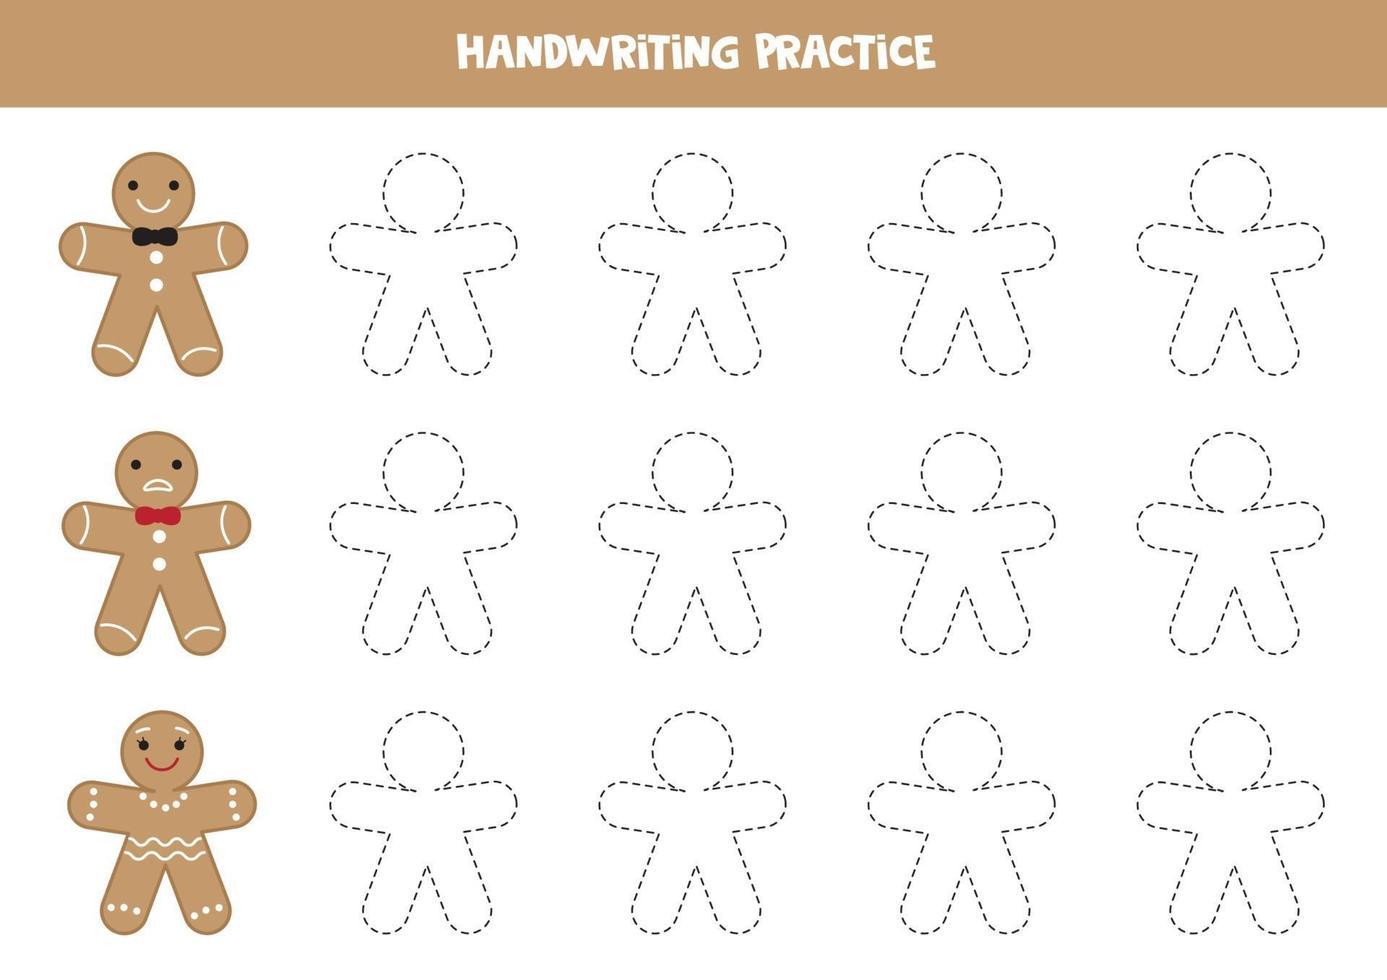 Hoja de trabajo de práctica de escritura para niños. rastreando a los hombres de las galletas de jengibre. vector